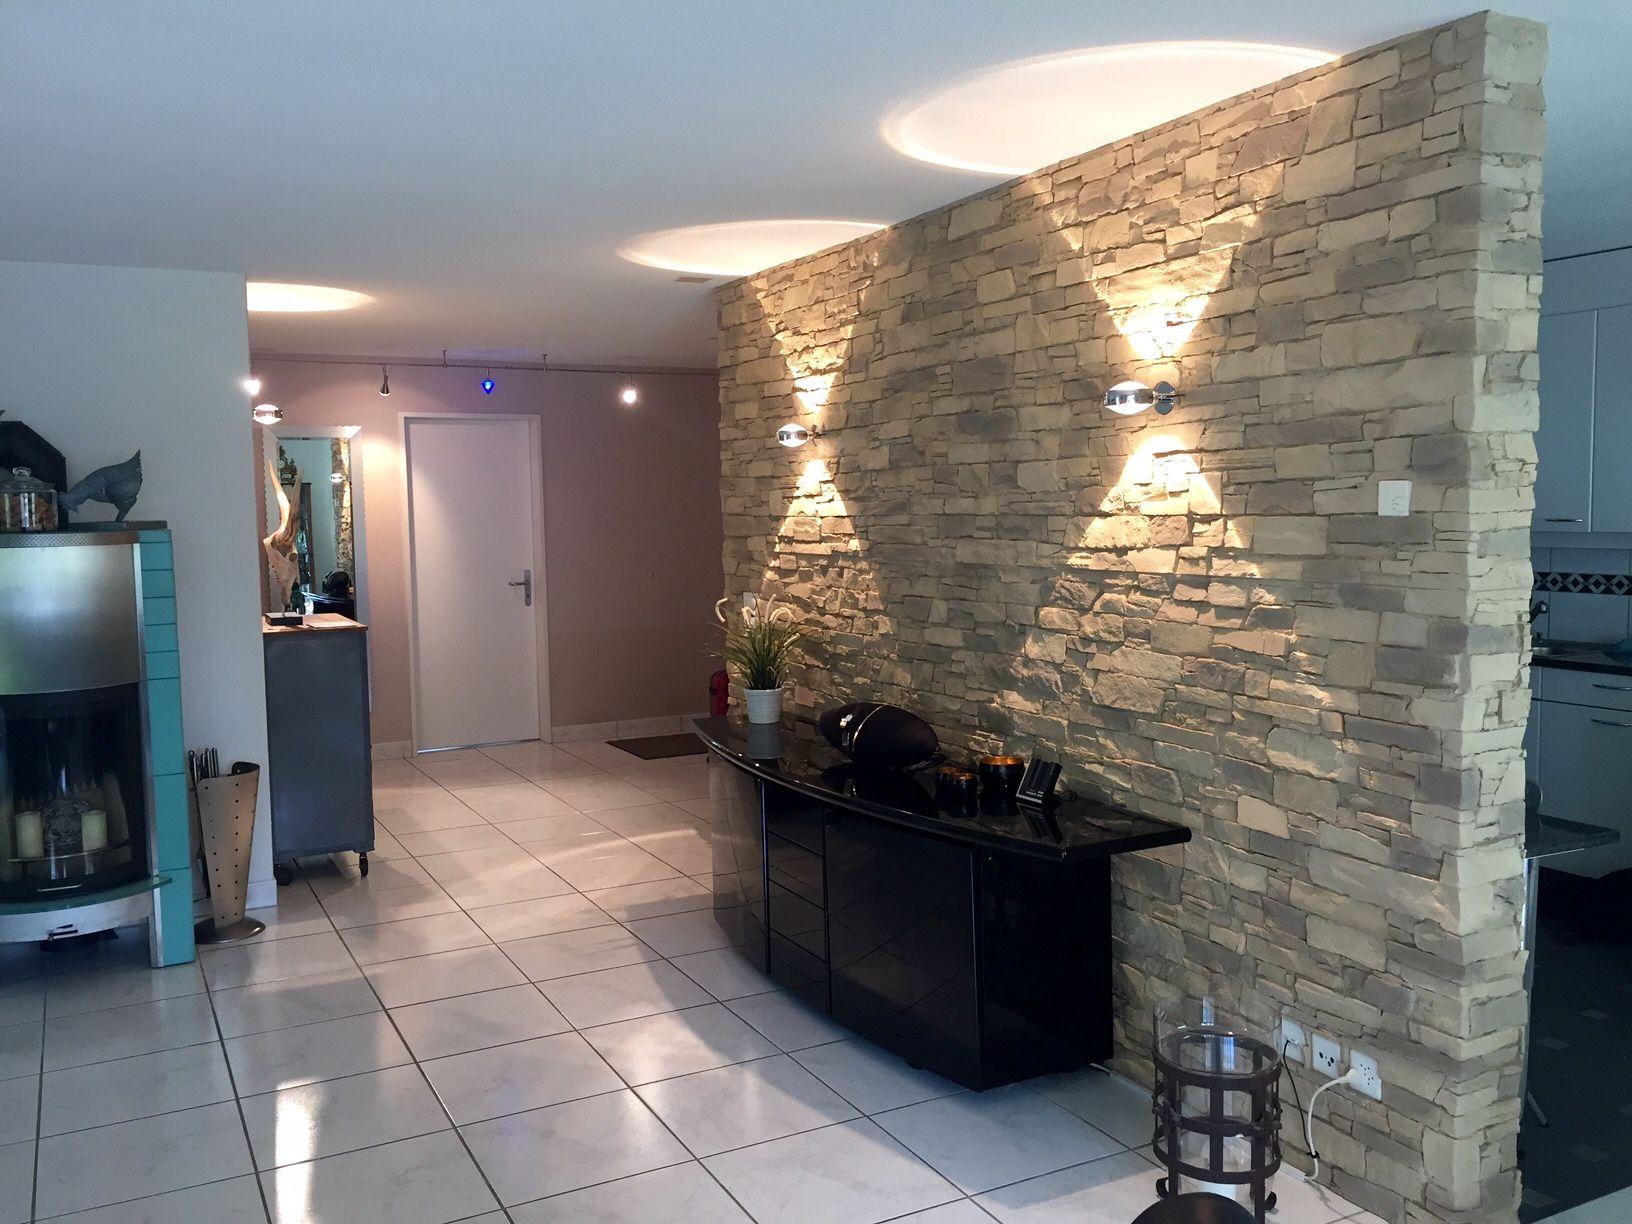 Full Size of Wohnzimmer Wand Idee Deckenlampen Schrankwand Schrank Wandbelag Küche Wasserhahn Wandanschluss Komplett Hängeschrank Bett Rückwand Stehlampe Deko Wohnzimmer Wohnzimmer Wand Idee